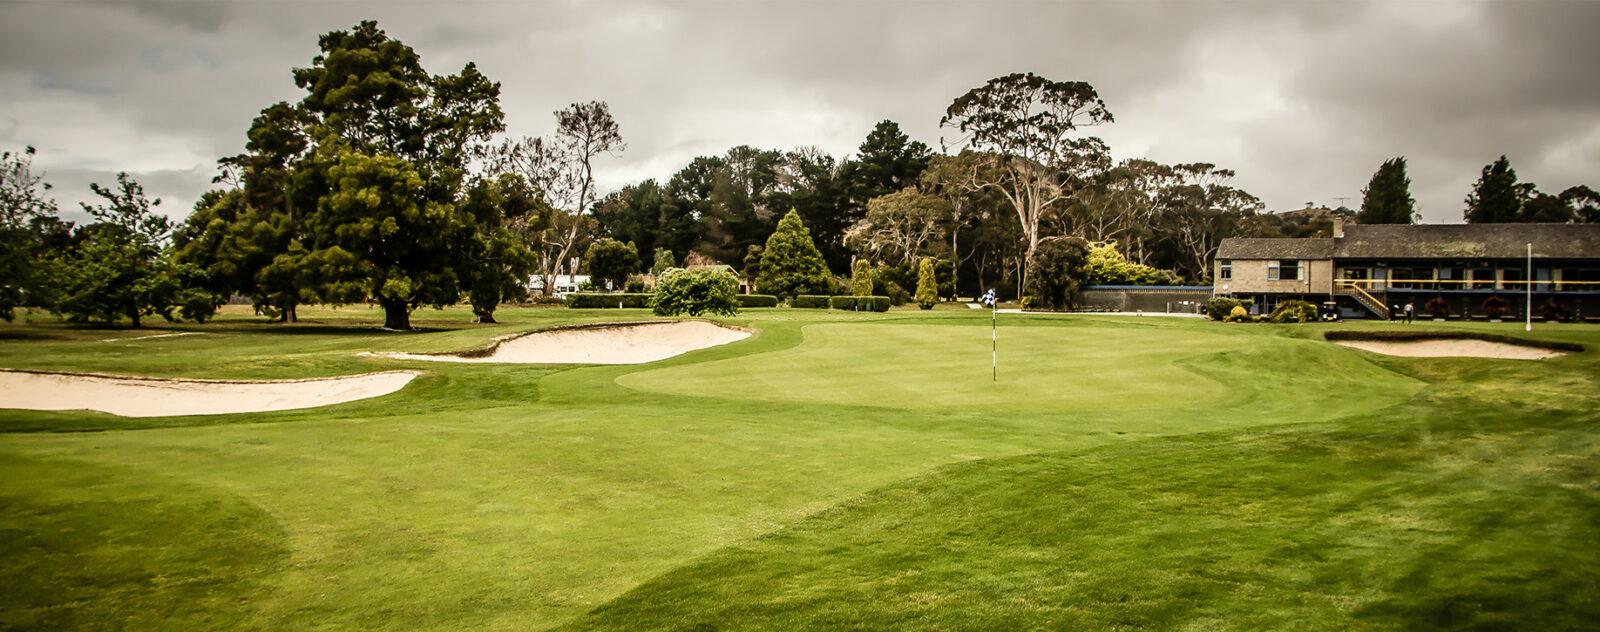 Royal Hobart ninth green